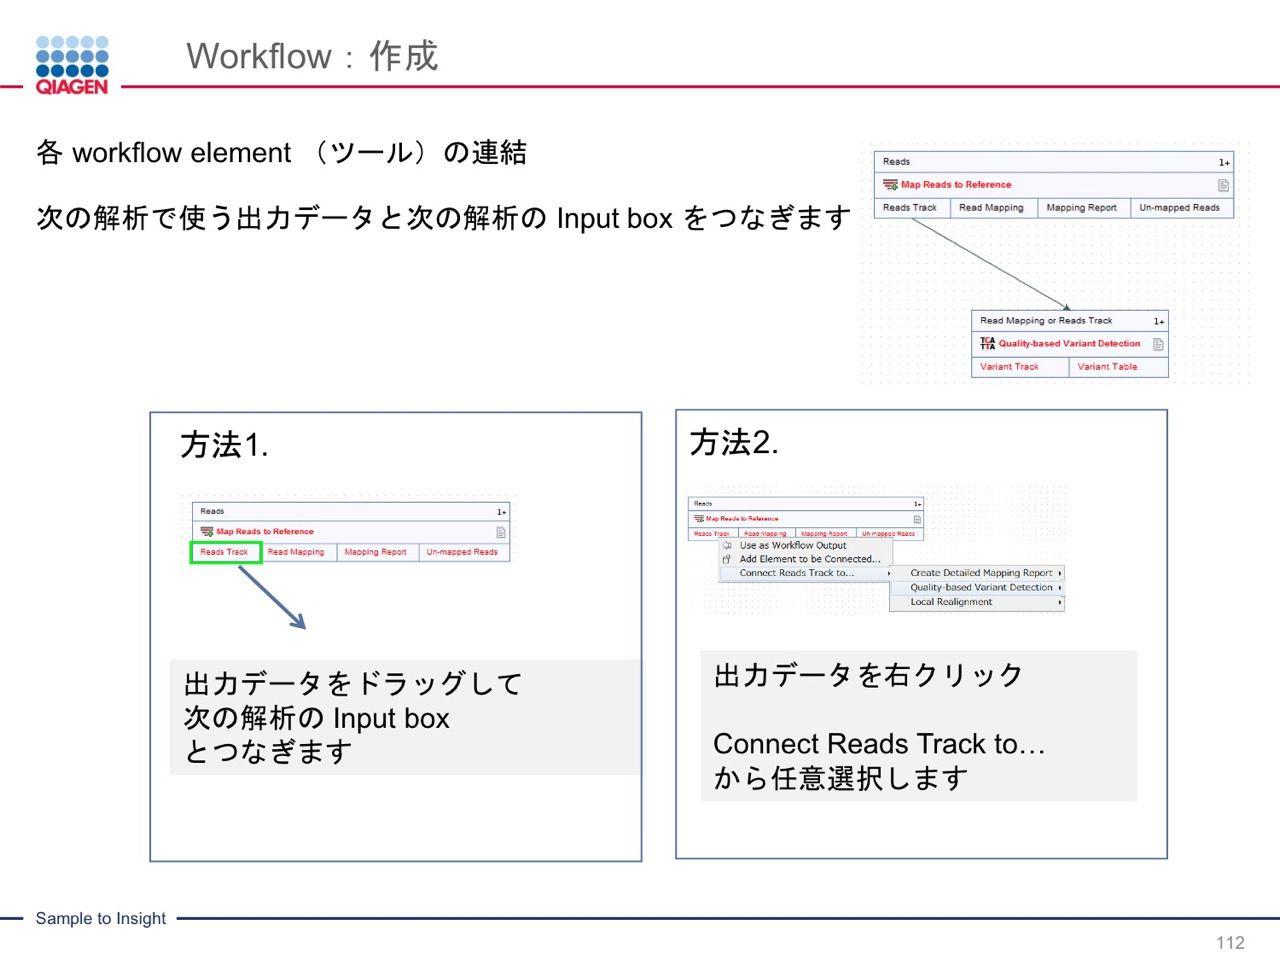 images/AJACSa2_miyamoto_112.jpg